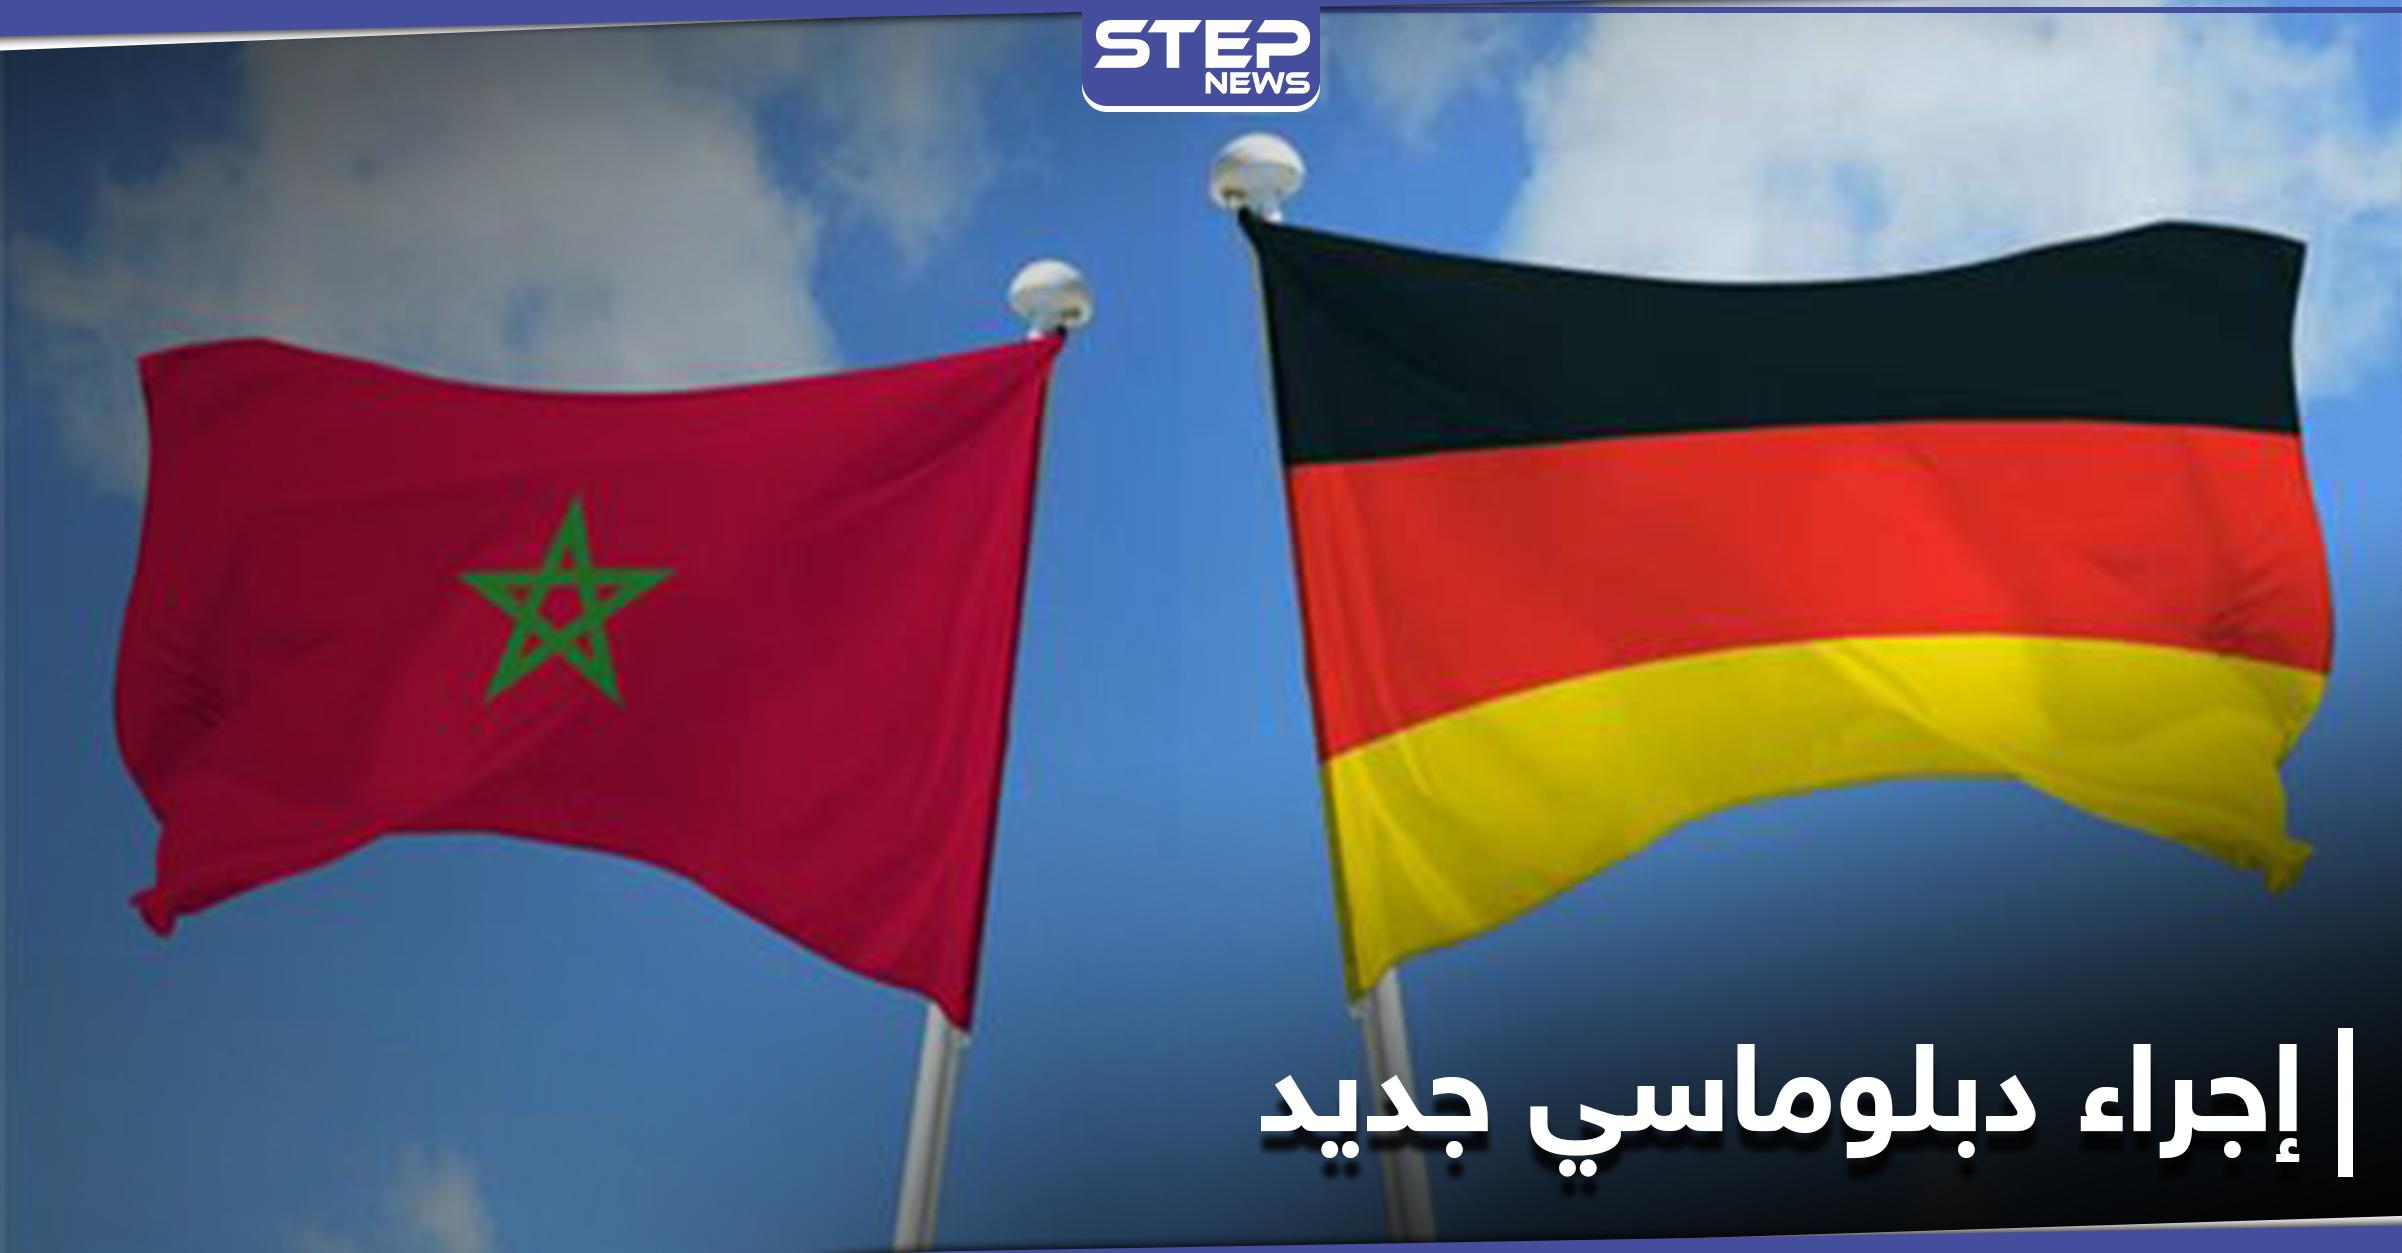 """لـ """"سوءِ فهمٍ عميق"""".. المغرب يتّبع طريقة غير معهودة دبلوماسياً مع ألمانيا"""